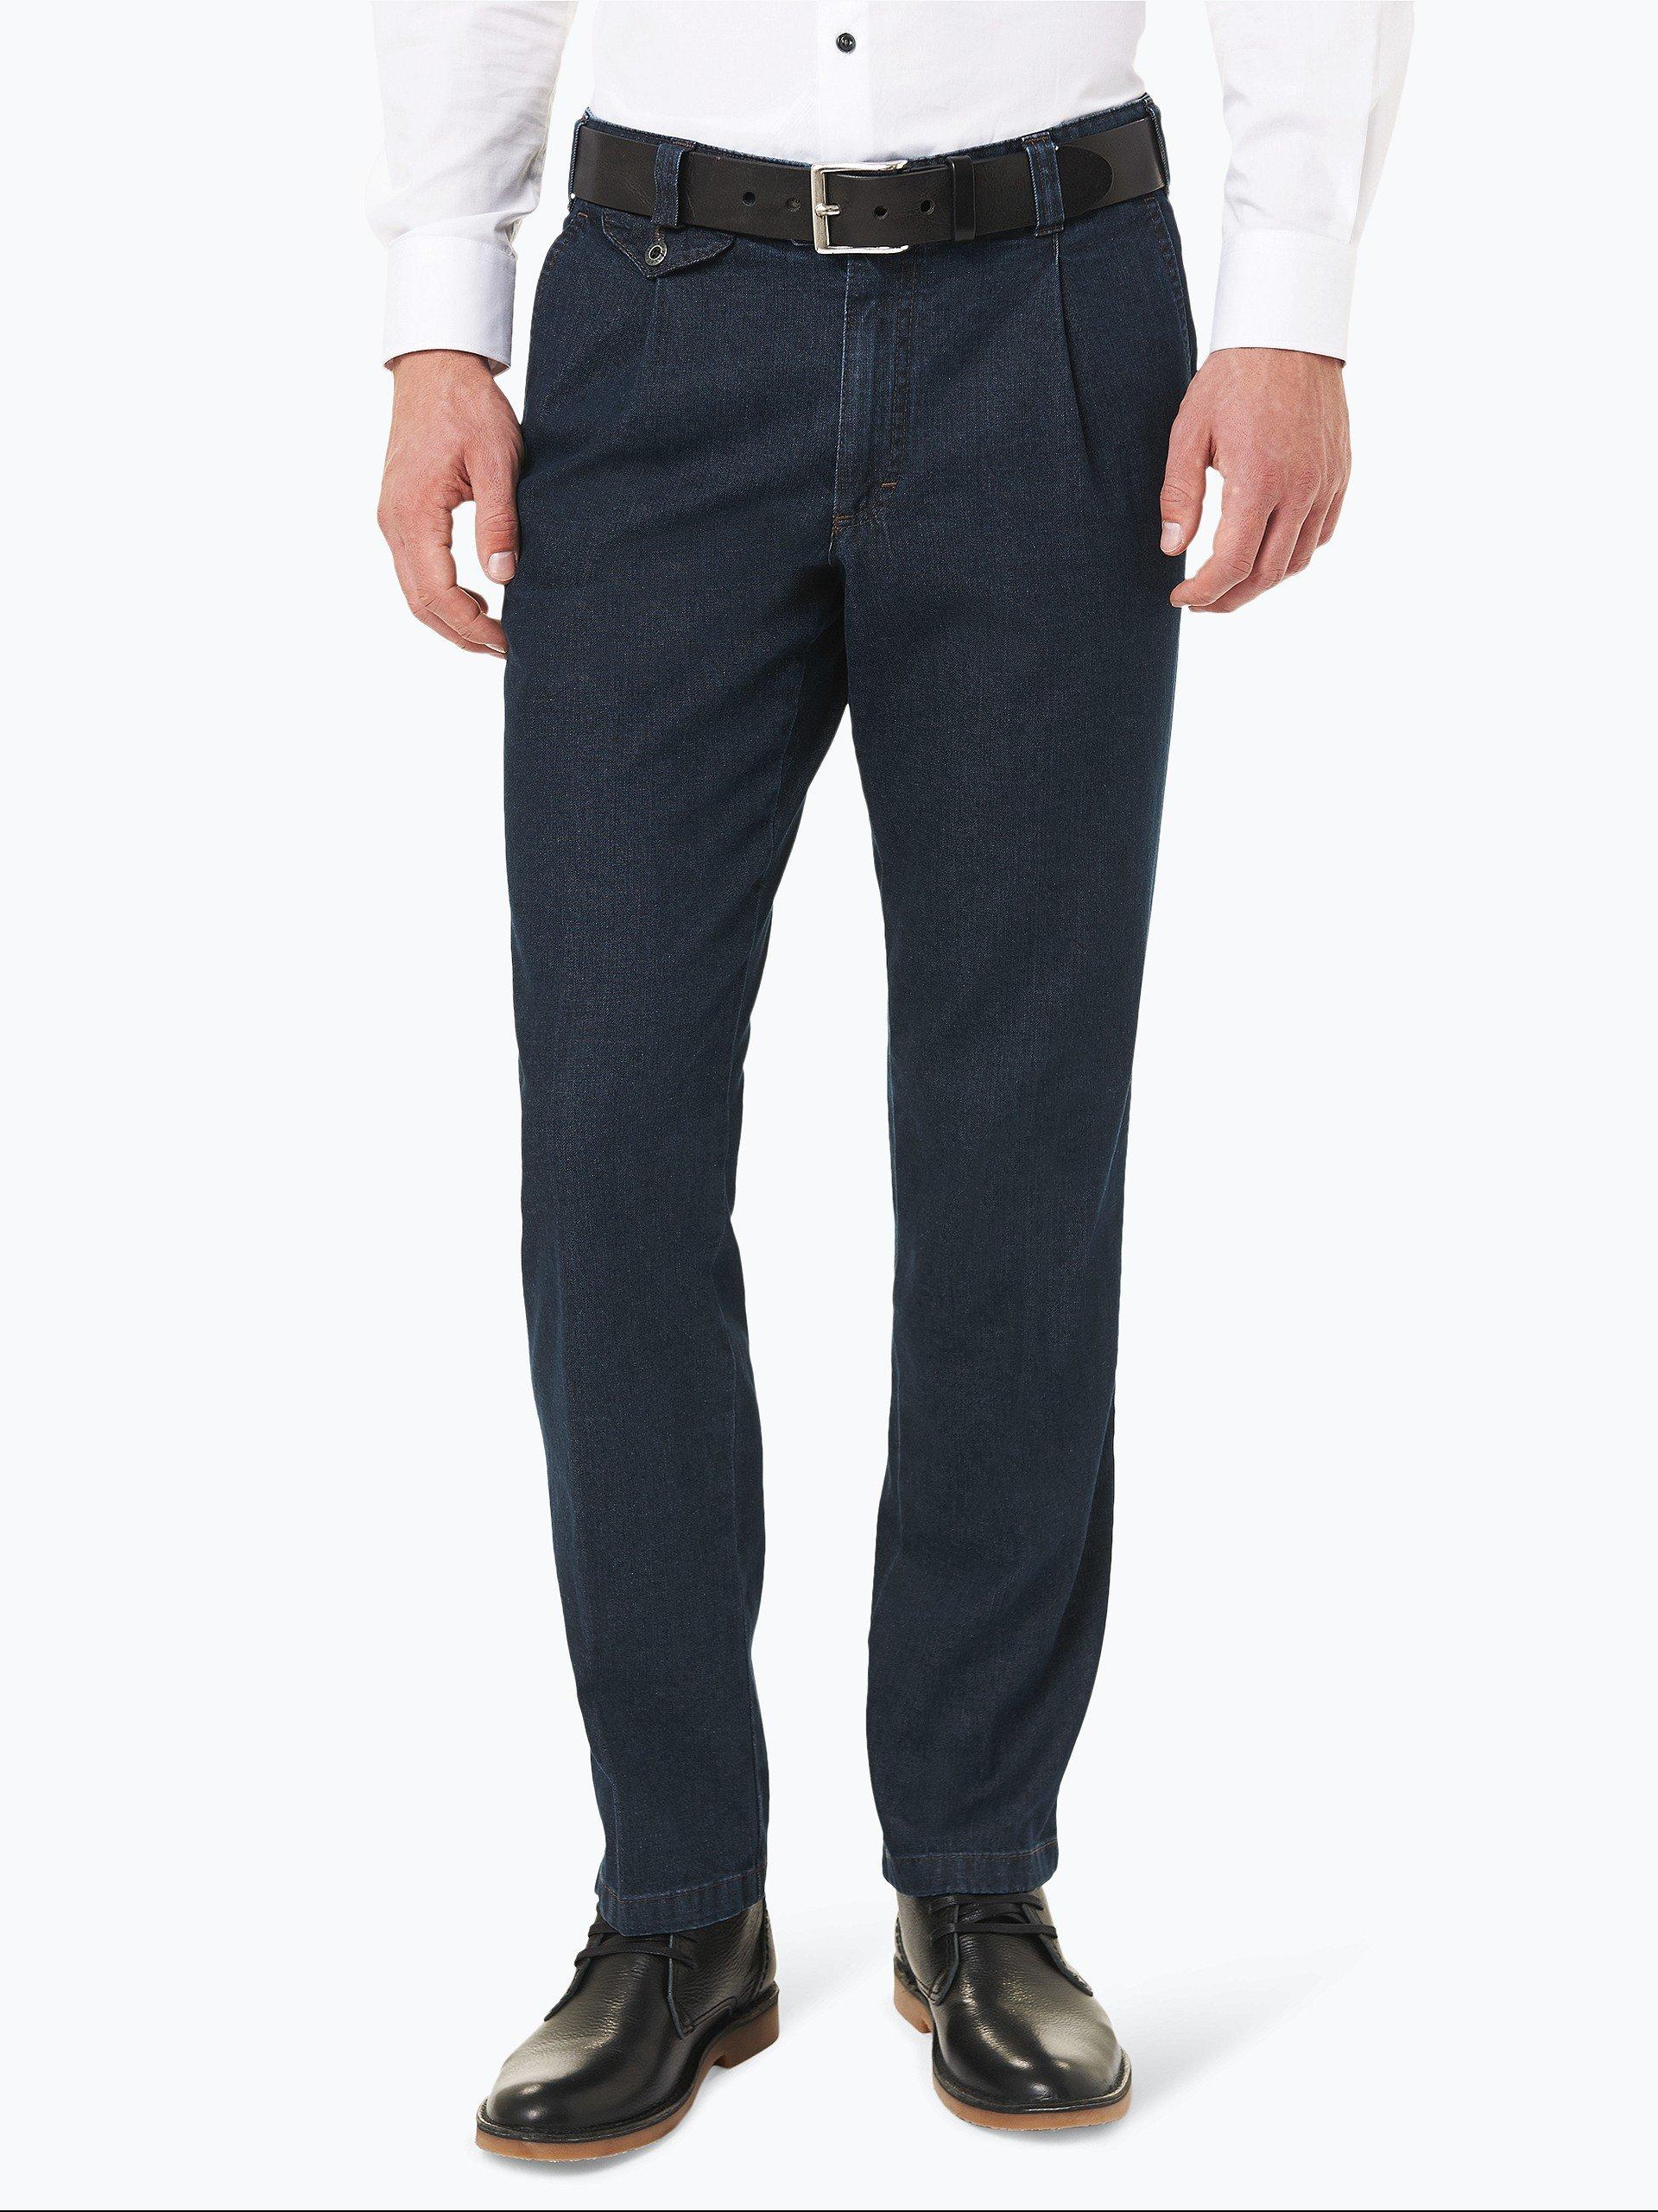 Eurex Herren Jeans - Fred